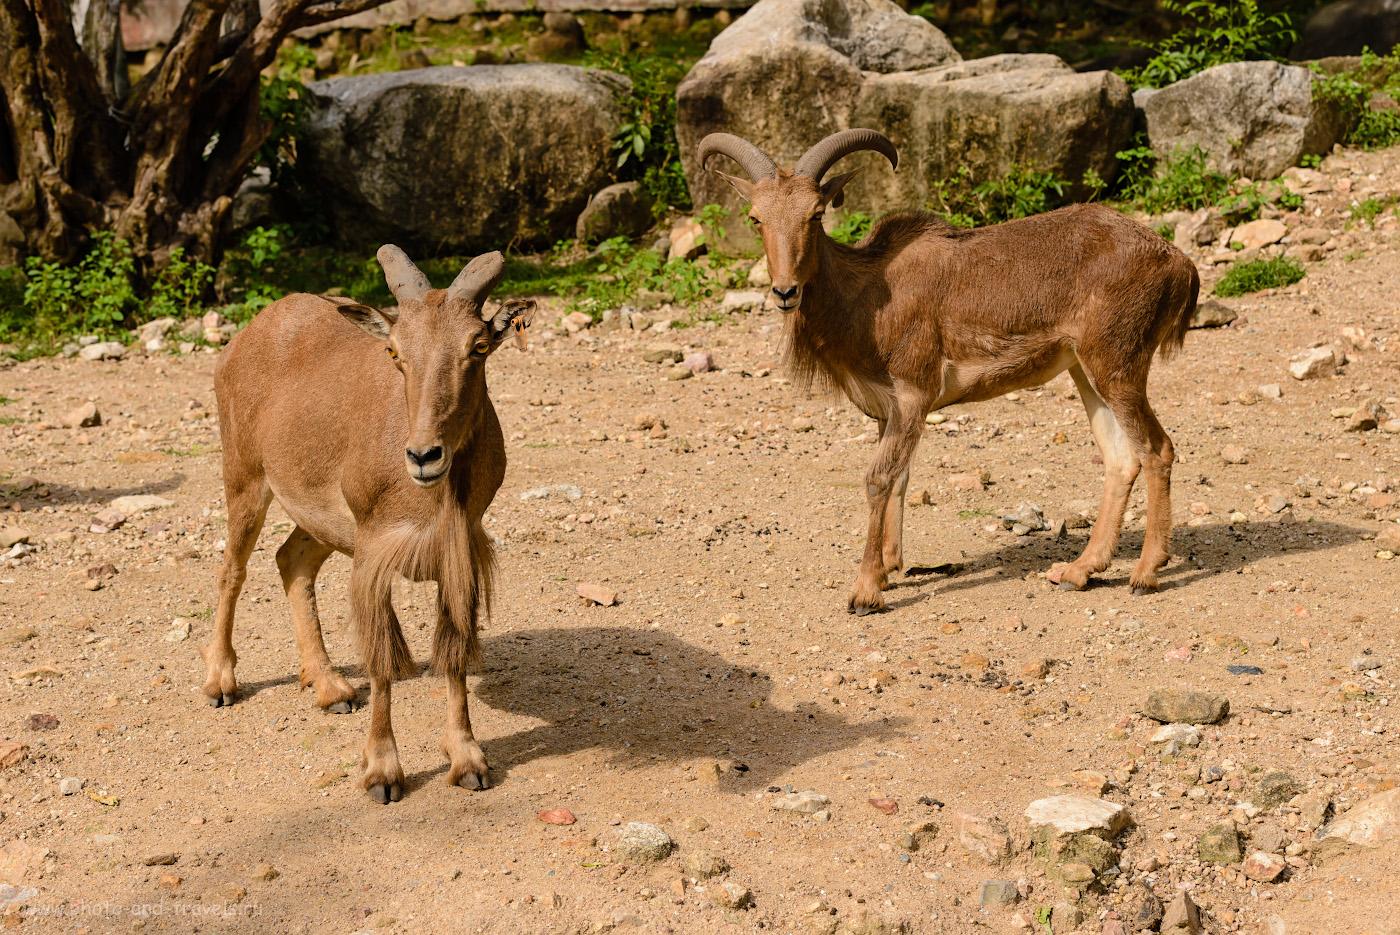 Фотография 22. Козлы. Этих неприхотливых животных можно встретить в любом зоопарке мира. И Khao Kheow Open Zoo - не исключение. Куда поехать из Паттайи на экскурсию. 1/500, +0.33, 7.1, 160, 70.